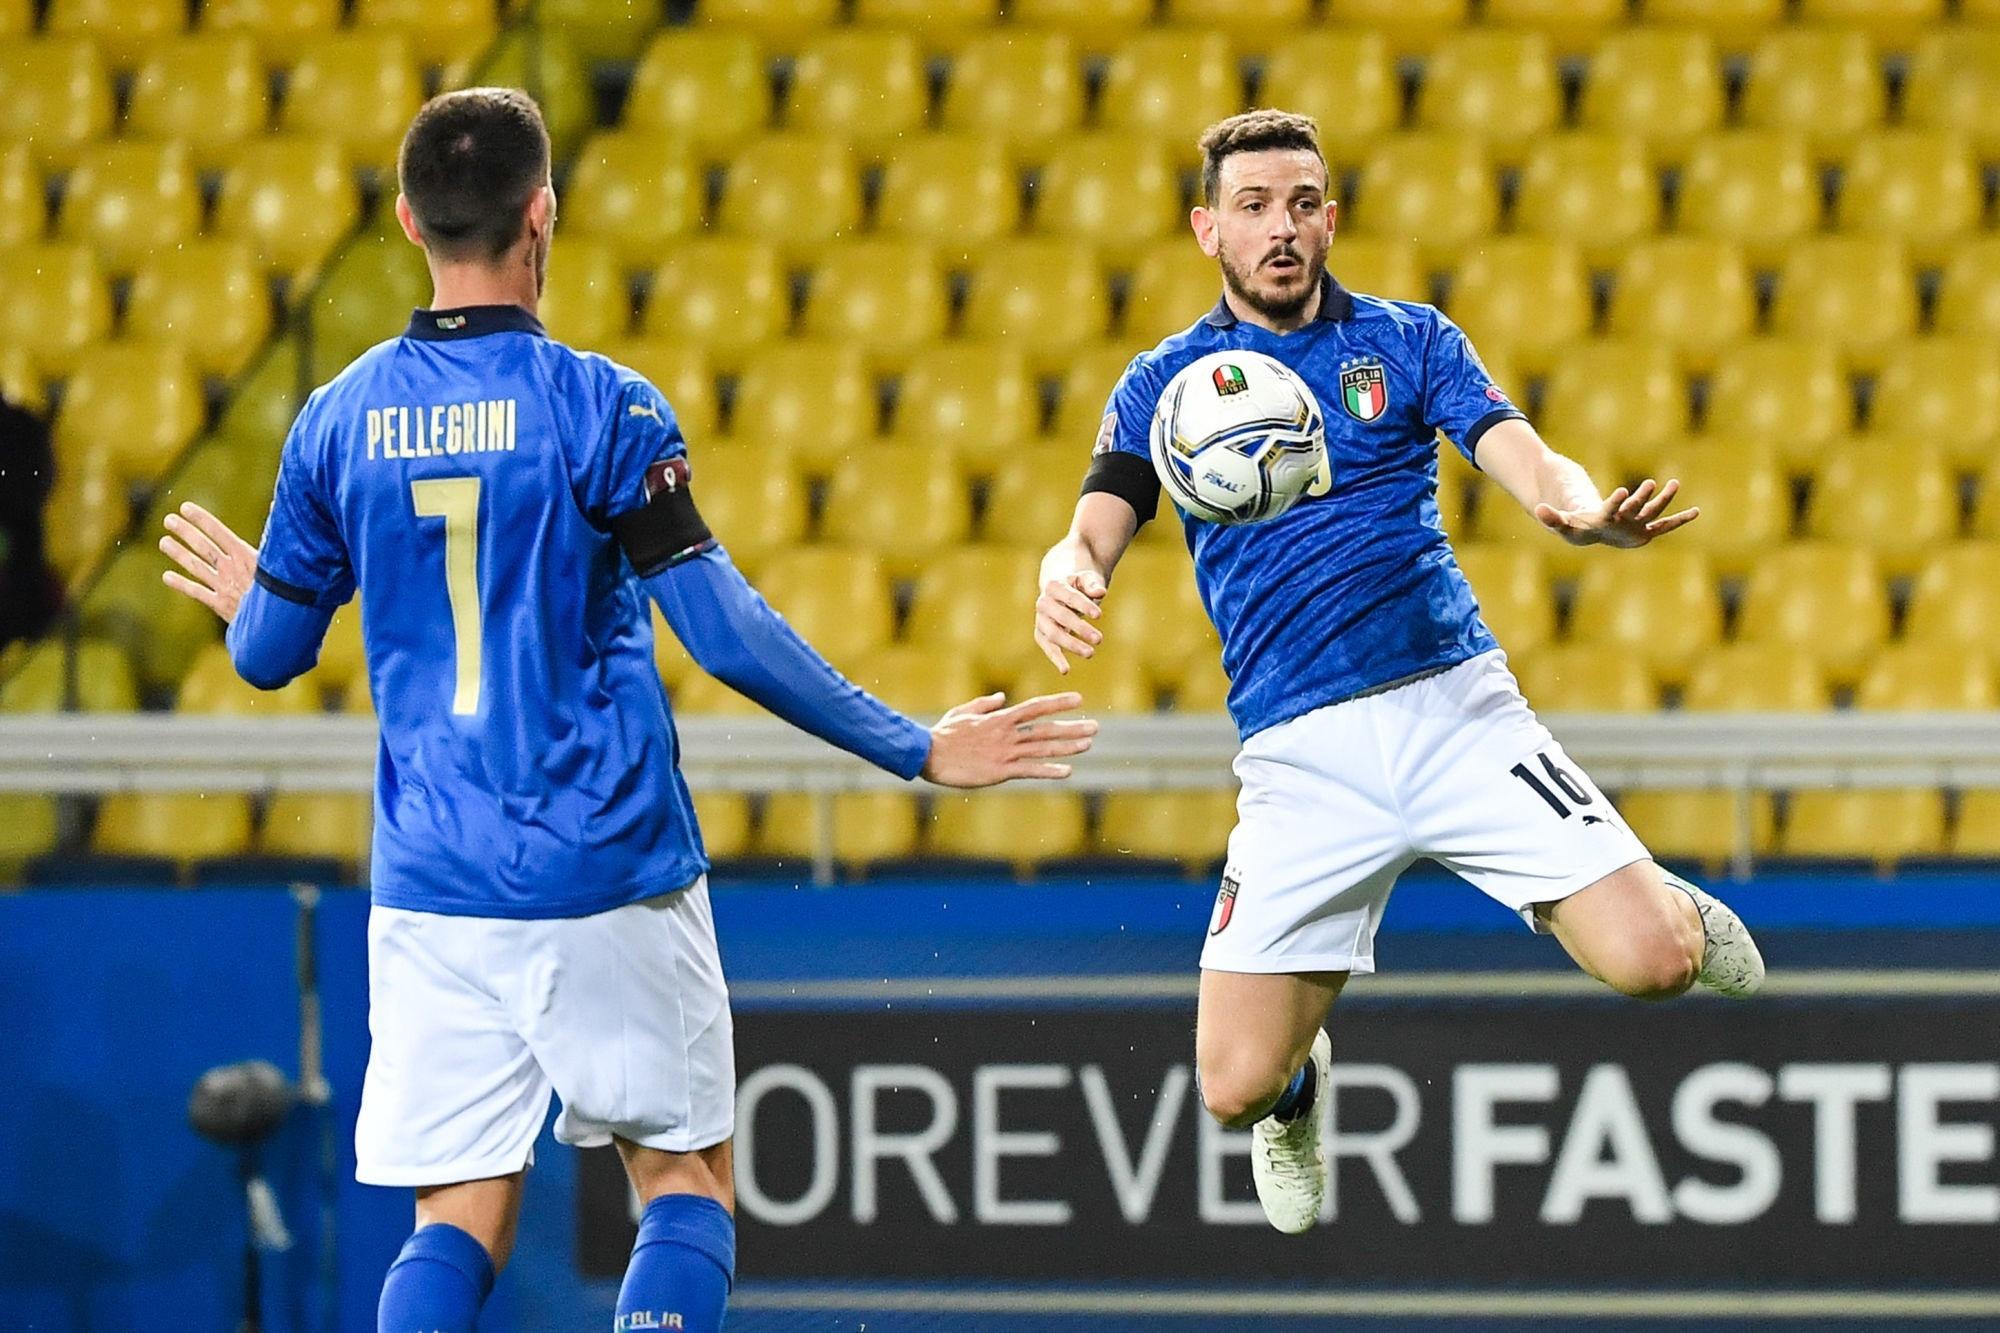 Bulgarie/Italie - Les équipes officielles : Verratti et Florenzi titulaires